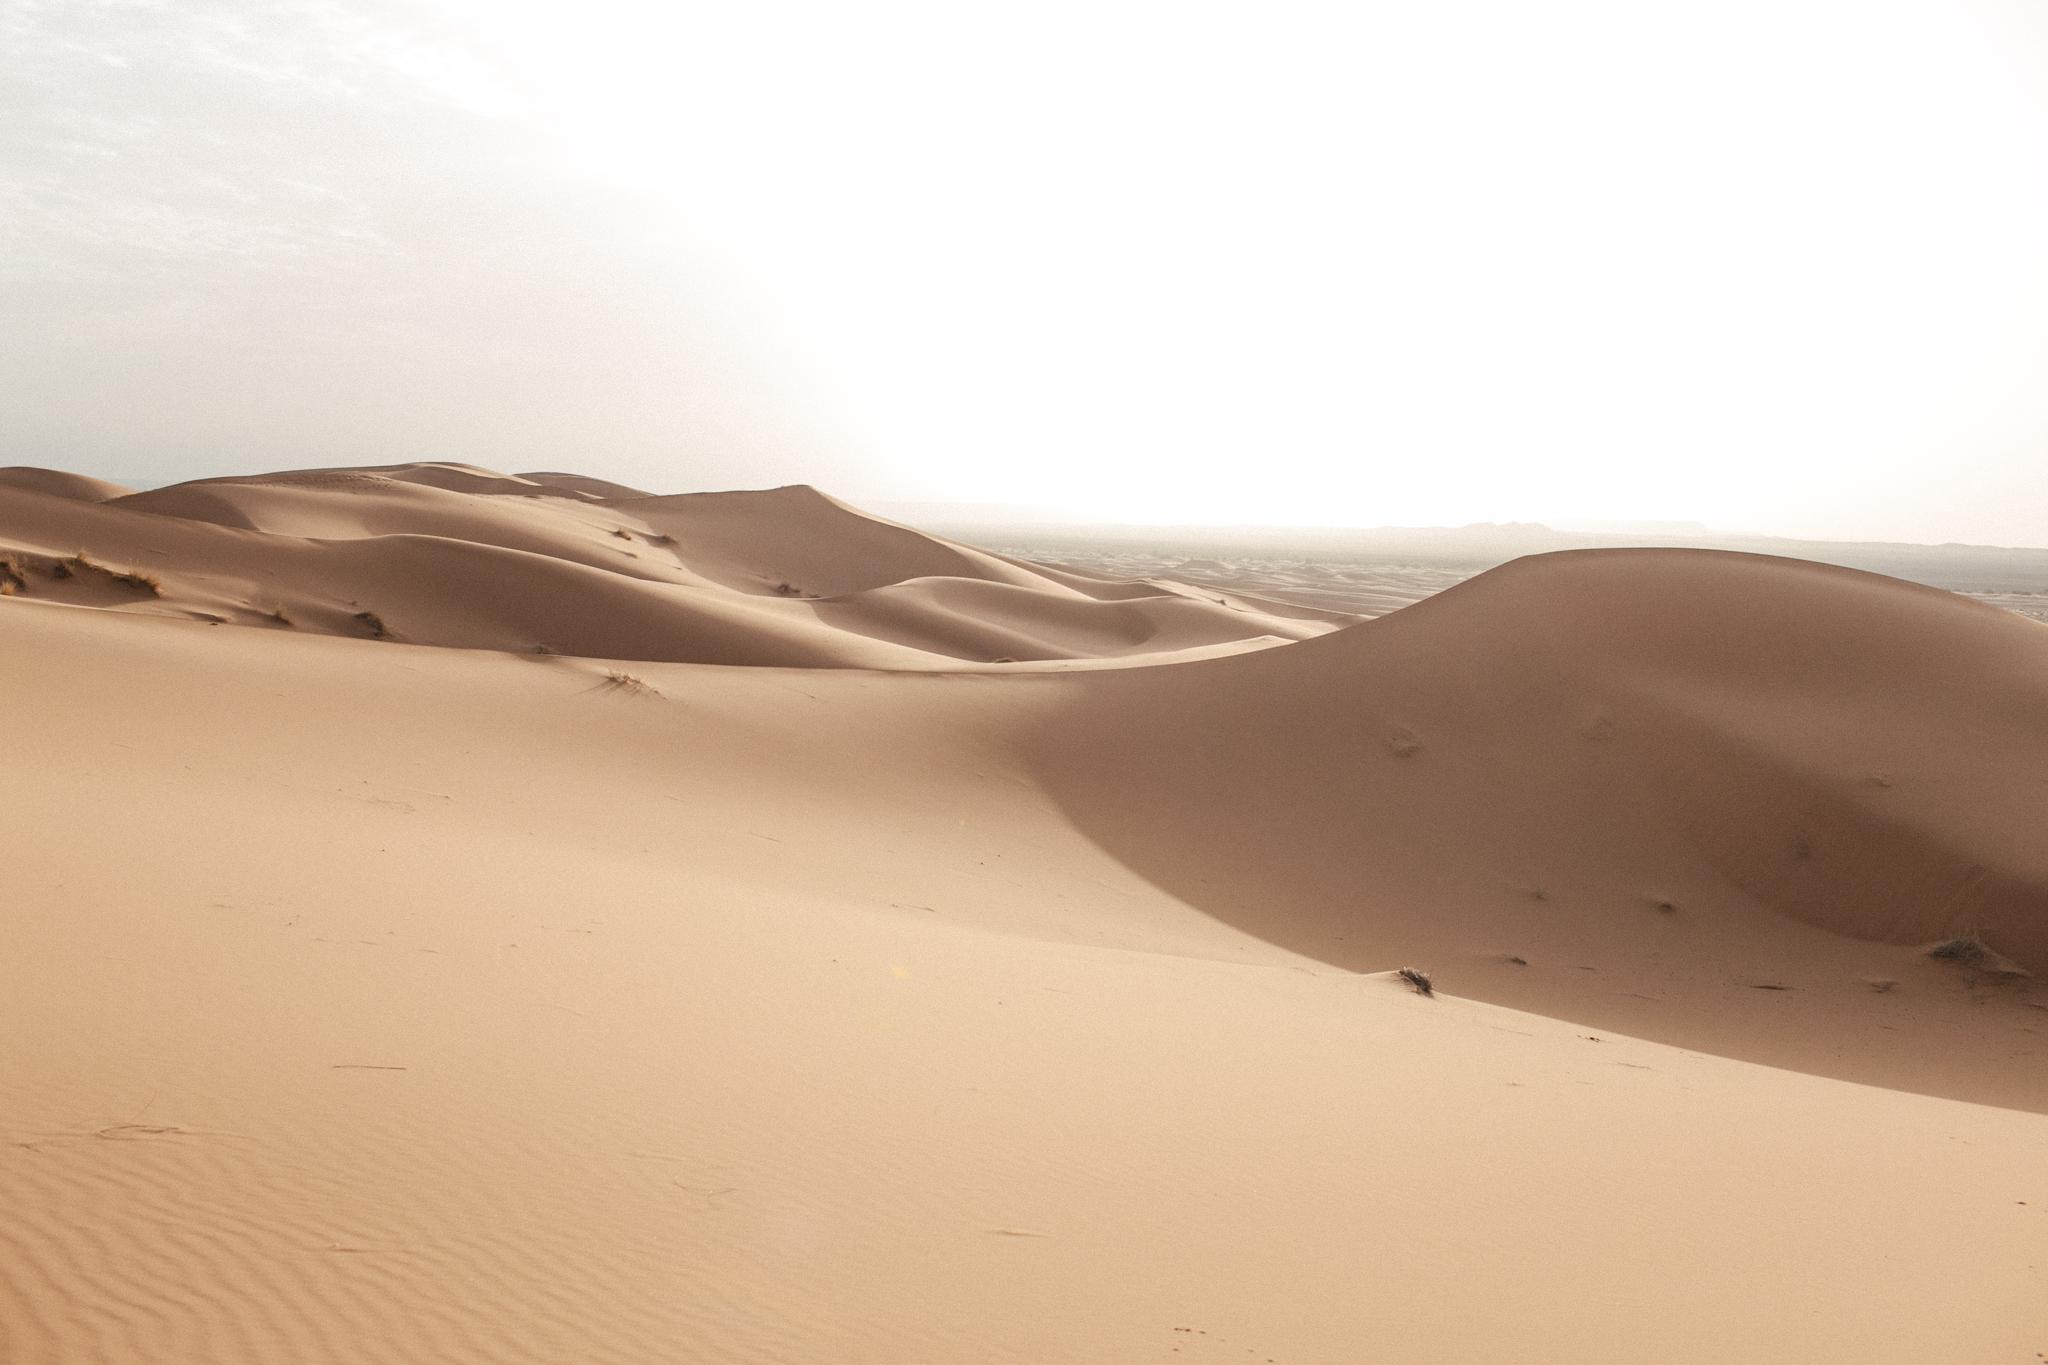 Sahara,5D MK3